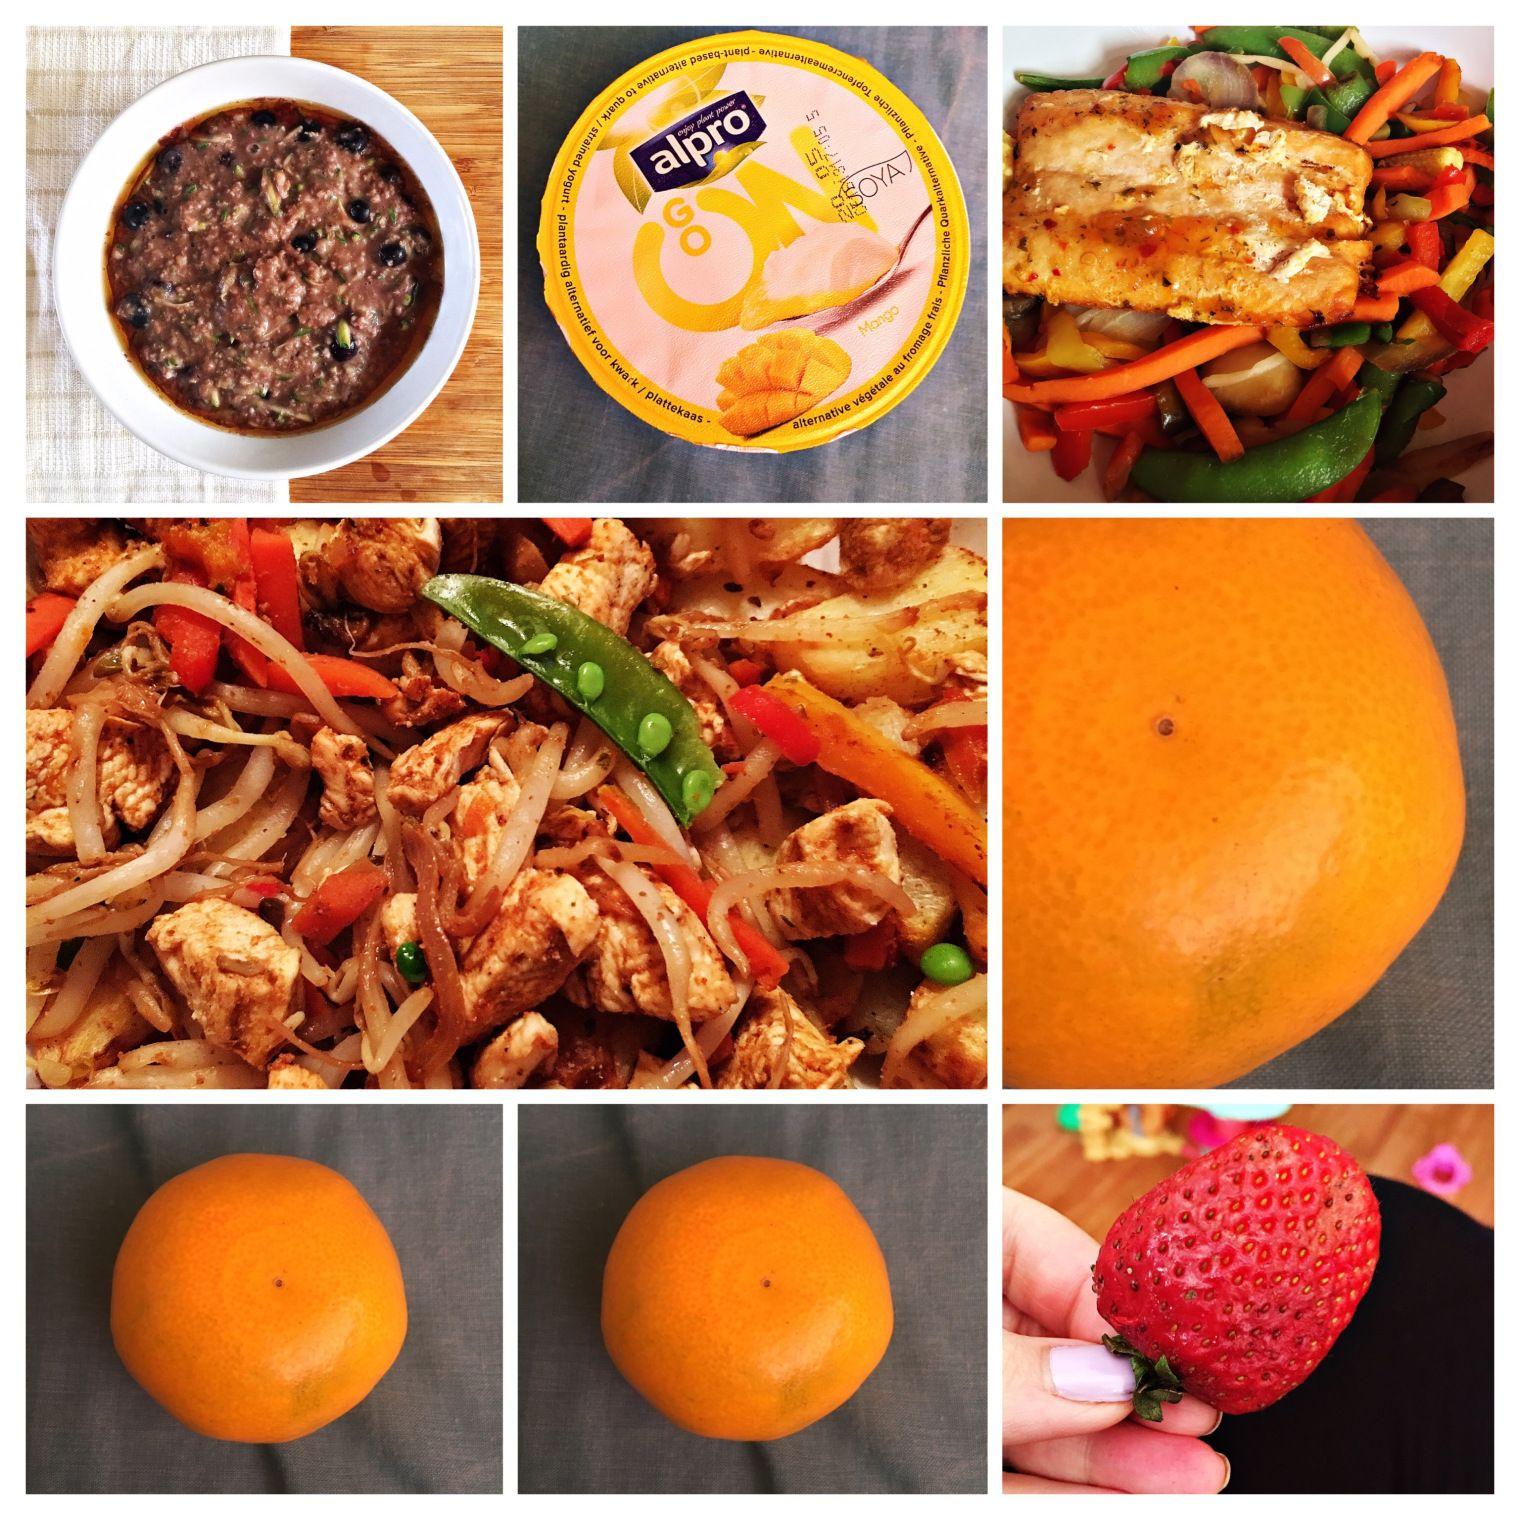 voo slimming foods kiire kaalulangus lchf